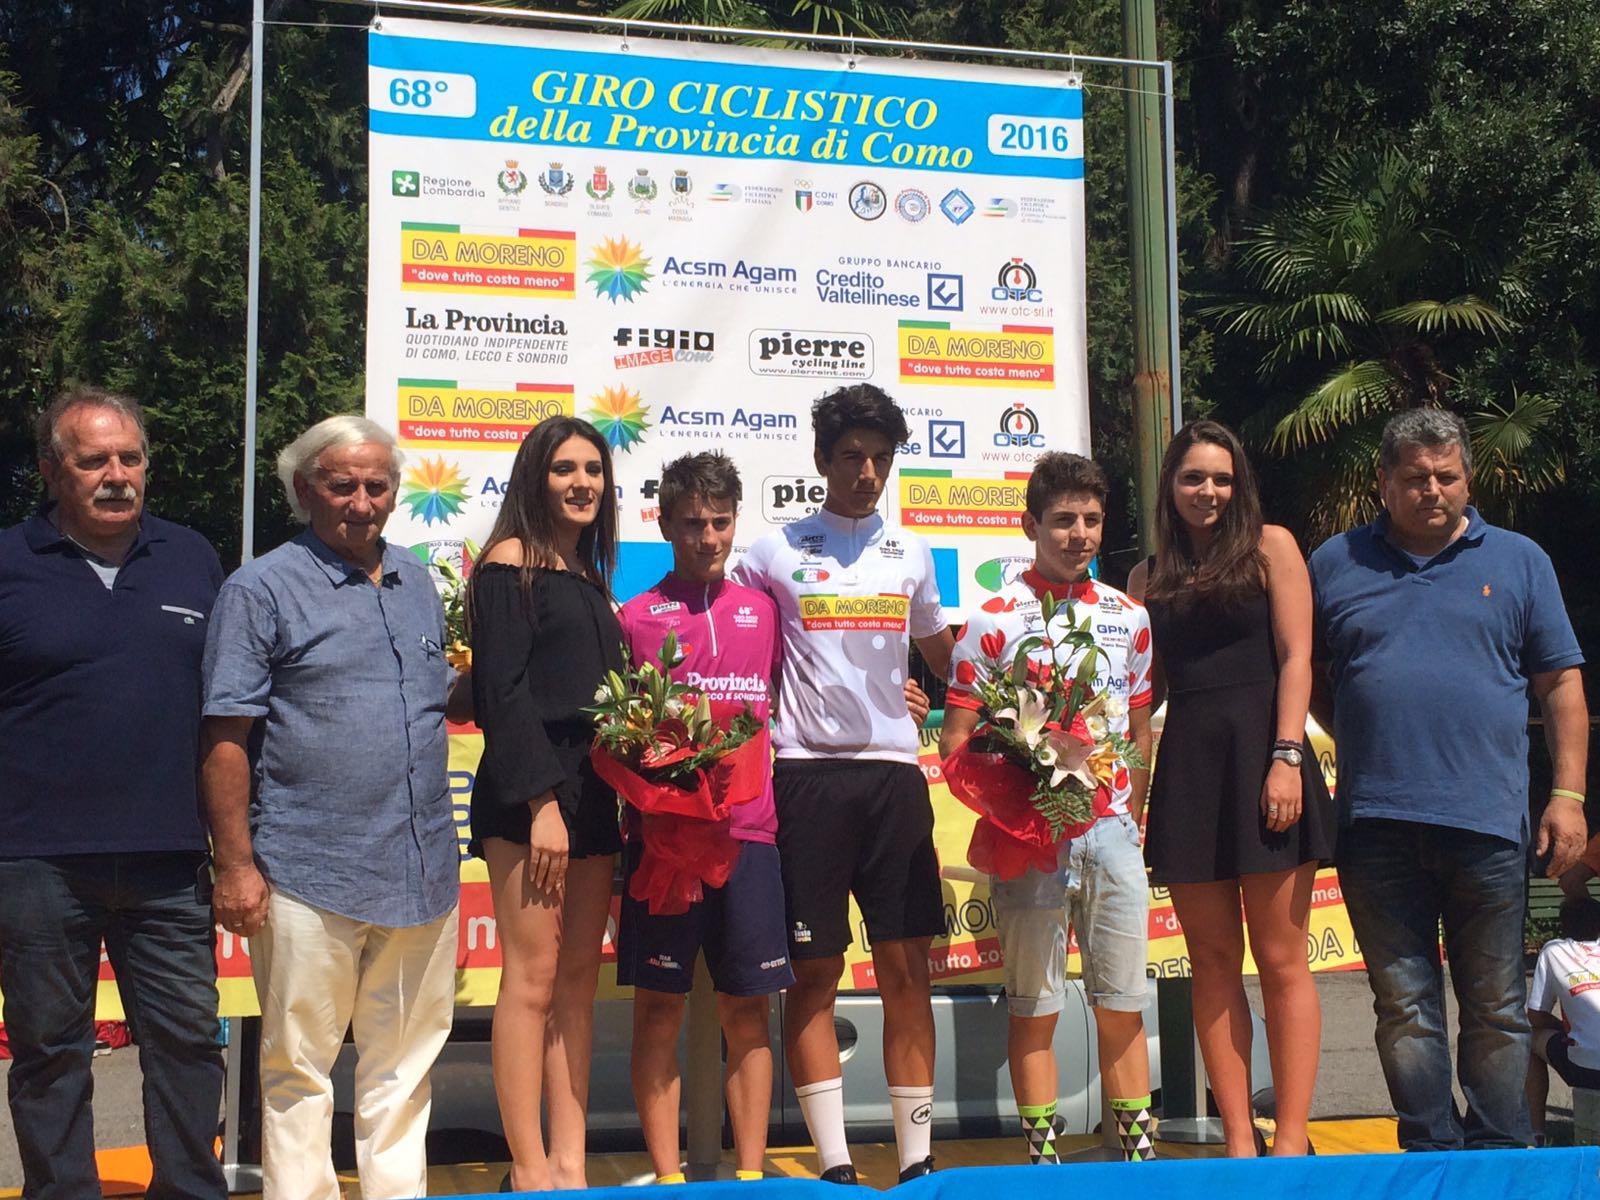 Le maglie del Giro della provincia di Como dopo la terza prova